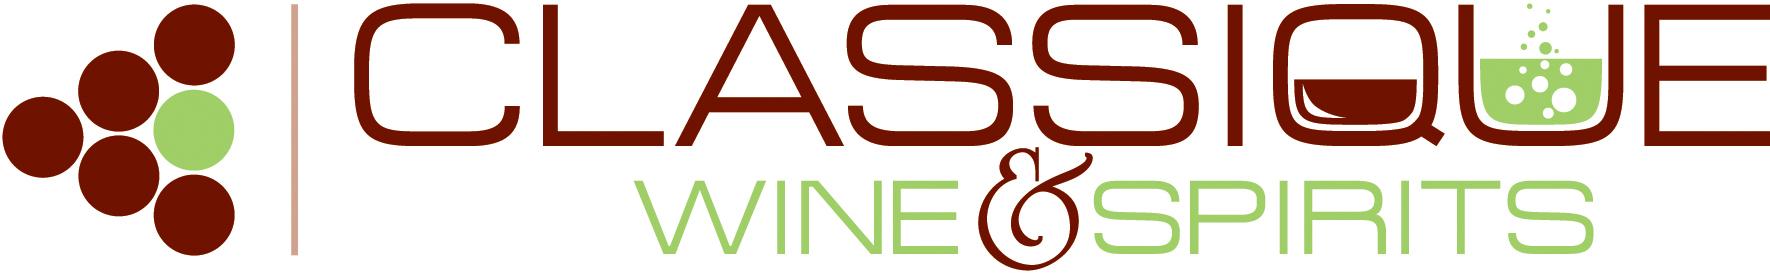 Classique_Logo.jpg